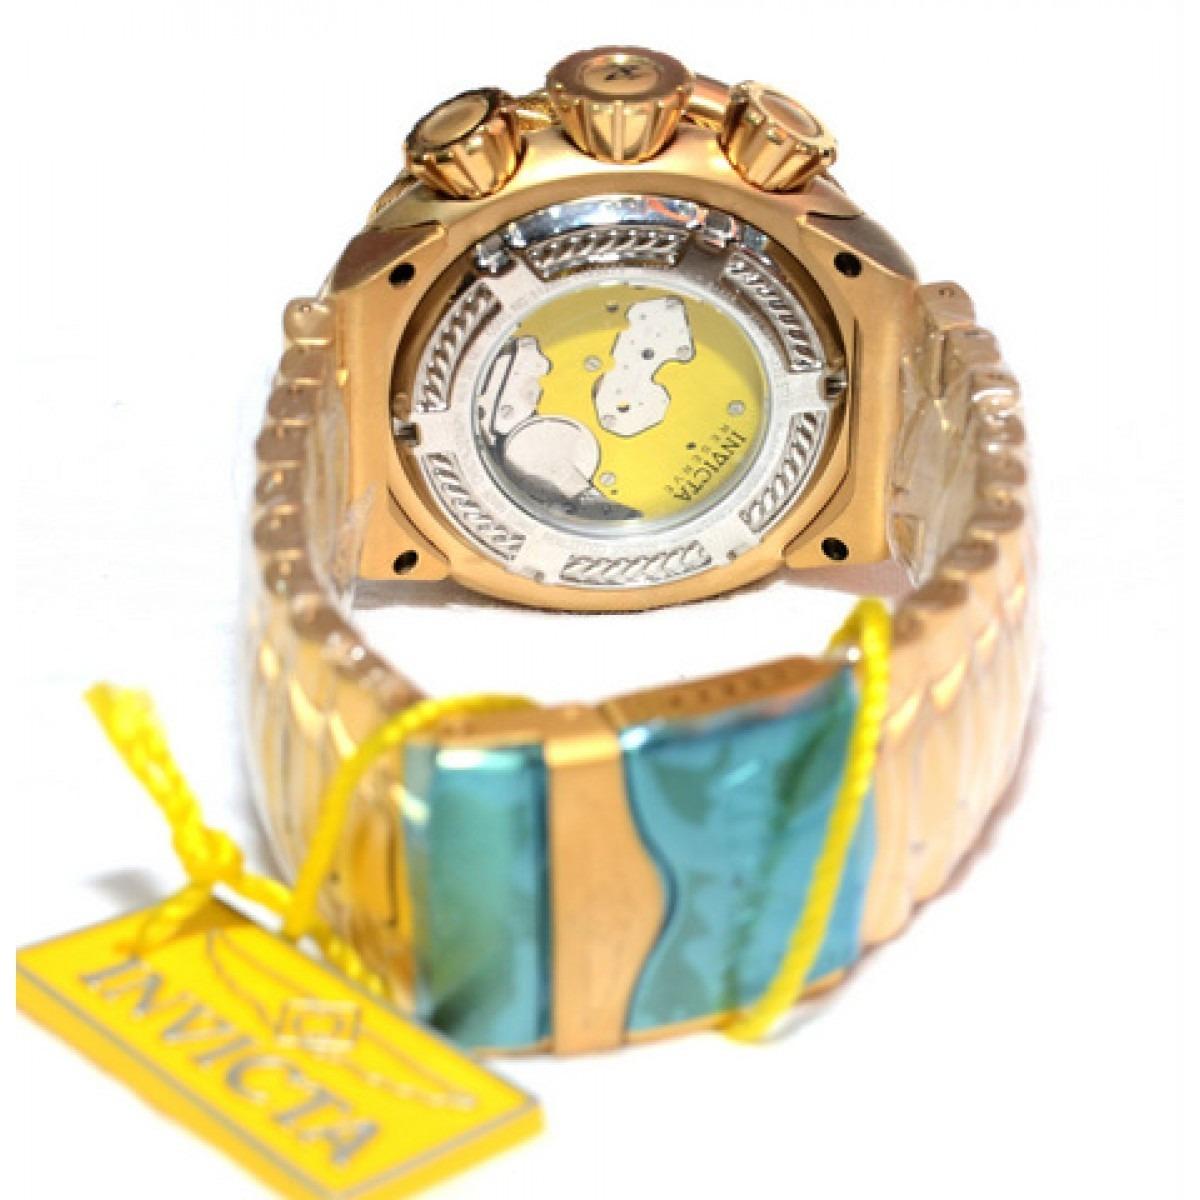 ba8f2ae03ca relógio invicta thunderbolt 21359 dourado zeus reserve origi. Carregando  zoom.